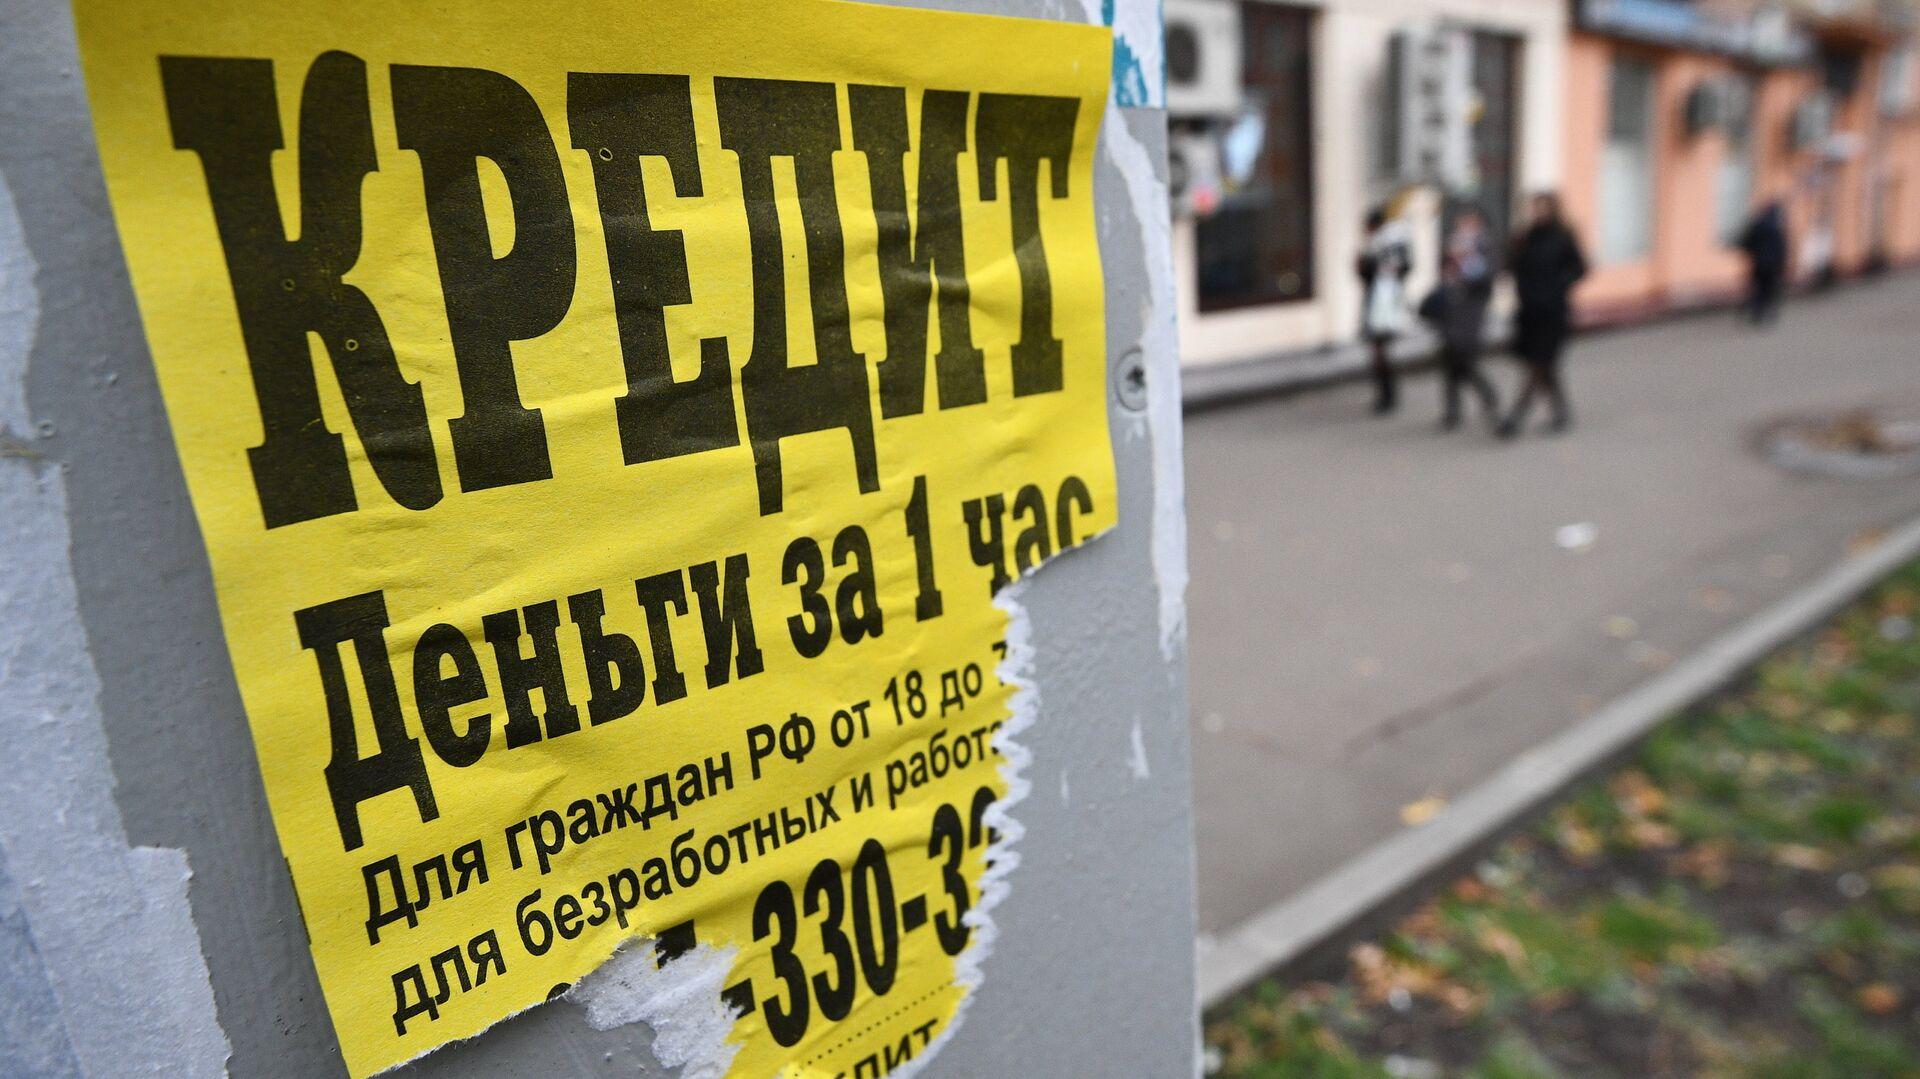 Объявления о кредитах на улице Москвы - РИА Новости, 1920, 30.08.2021